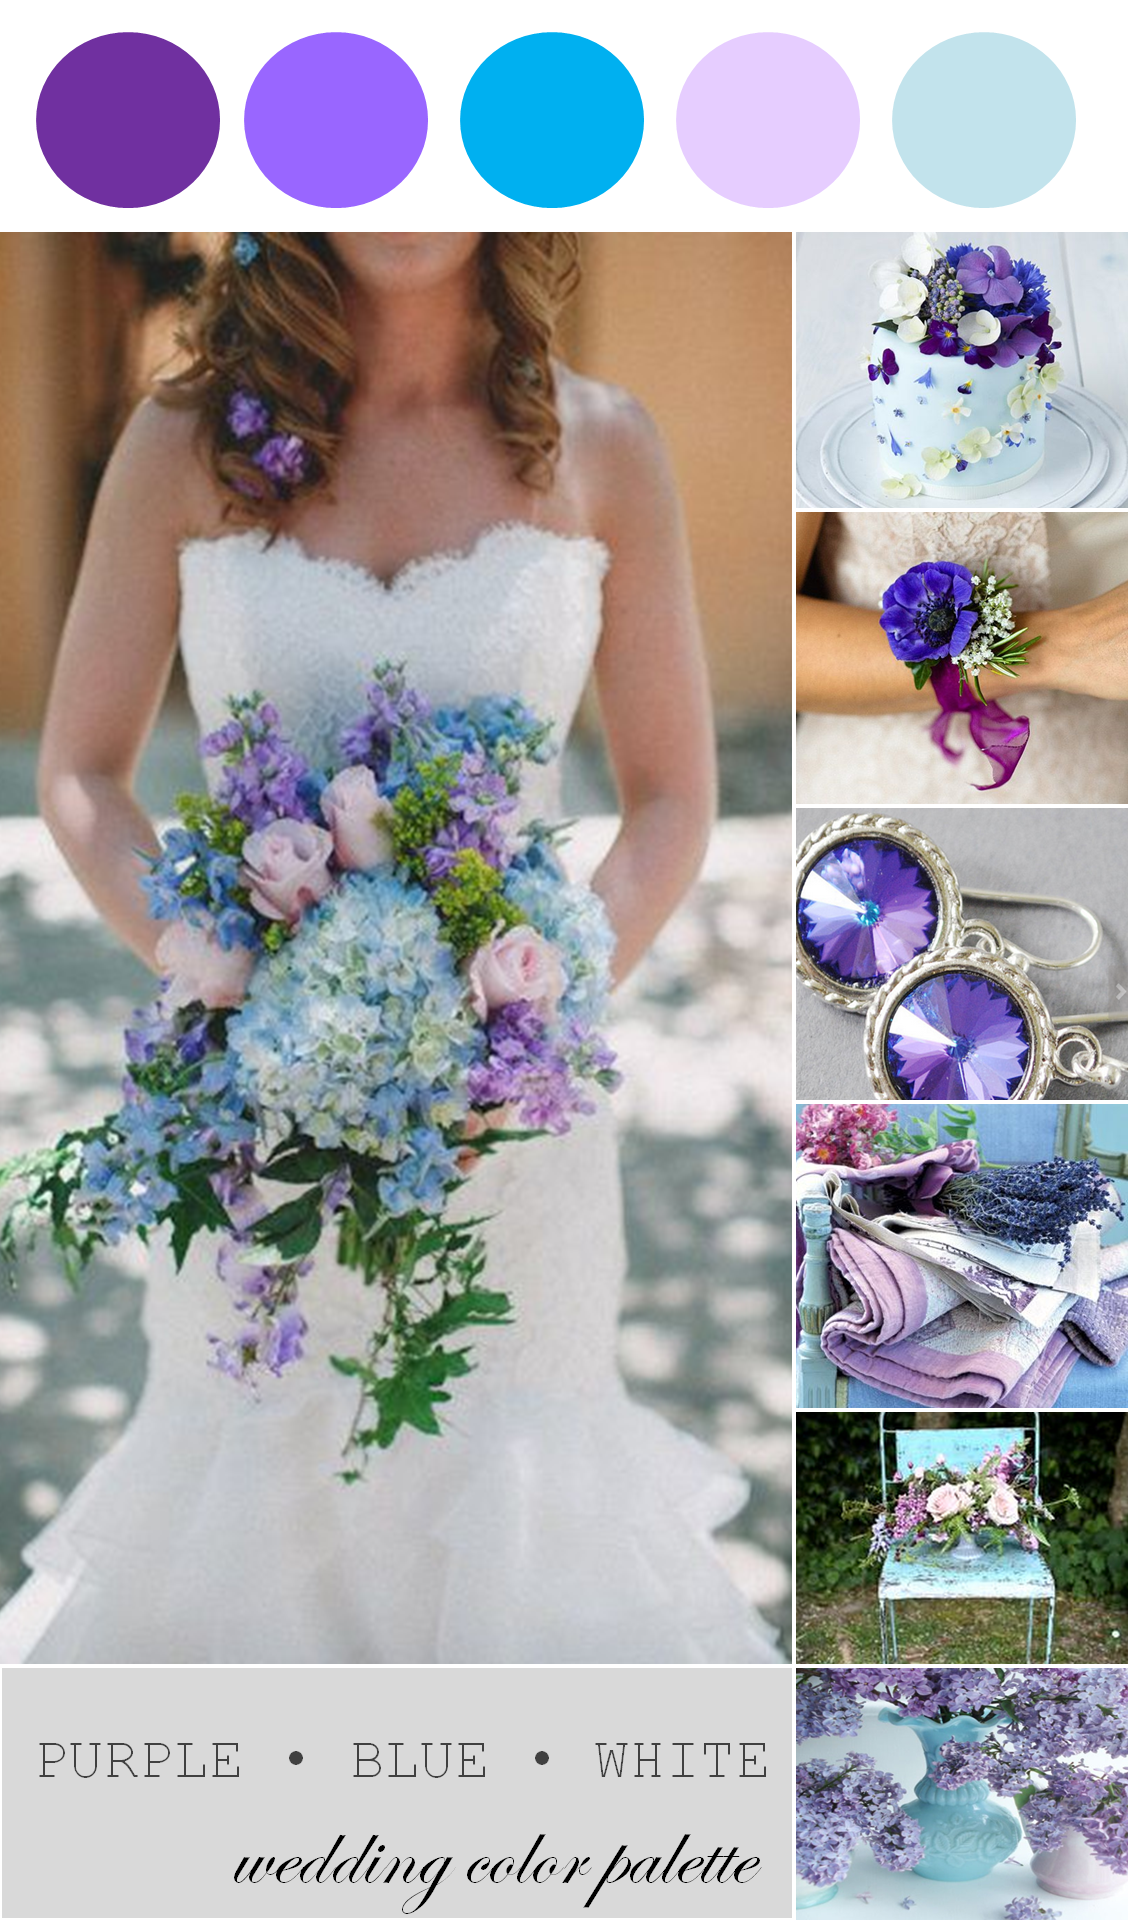 Wedding color palette weddings wedding and wedding stuff